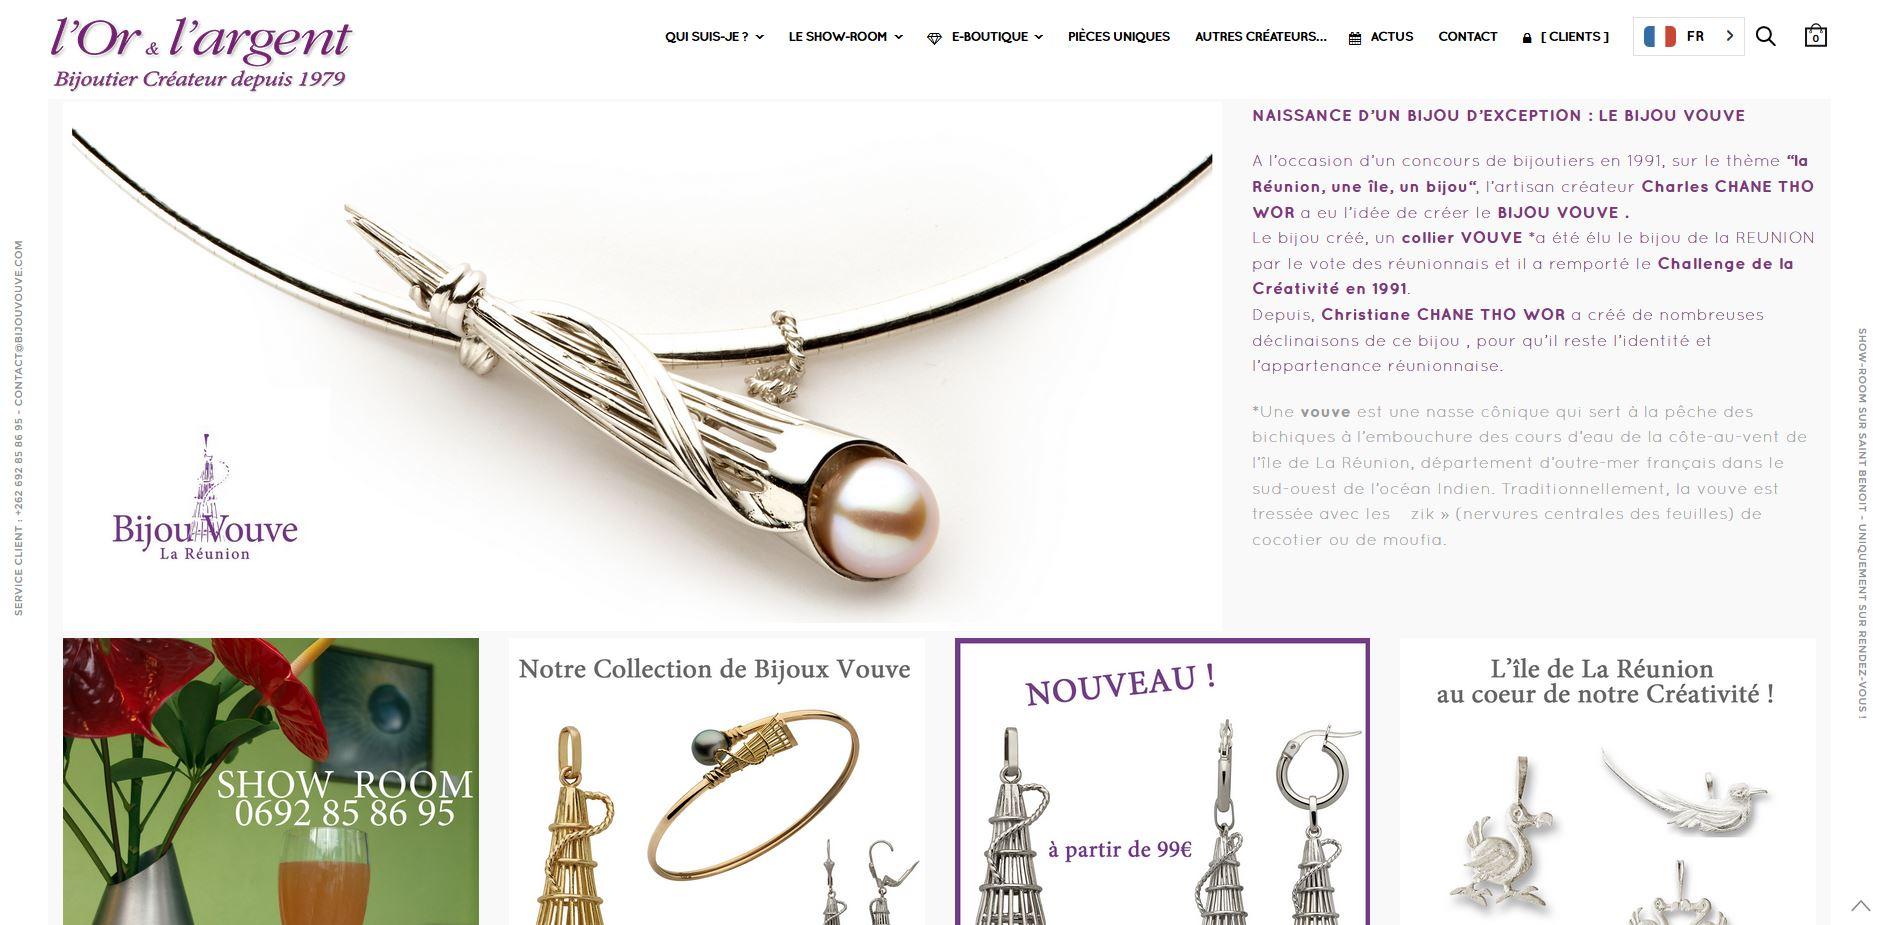 L'Or et l'Argent | Création | E-Boutique